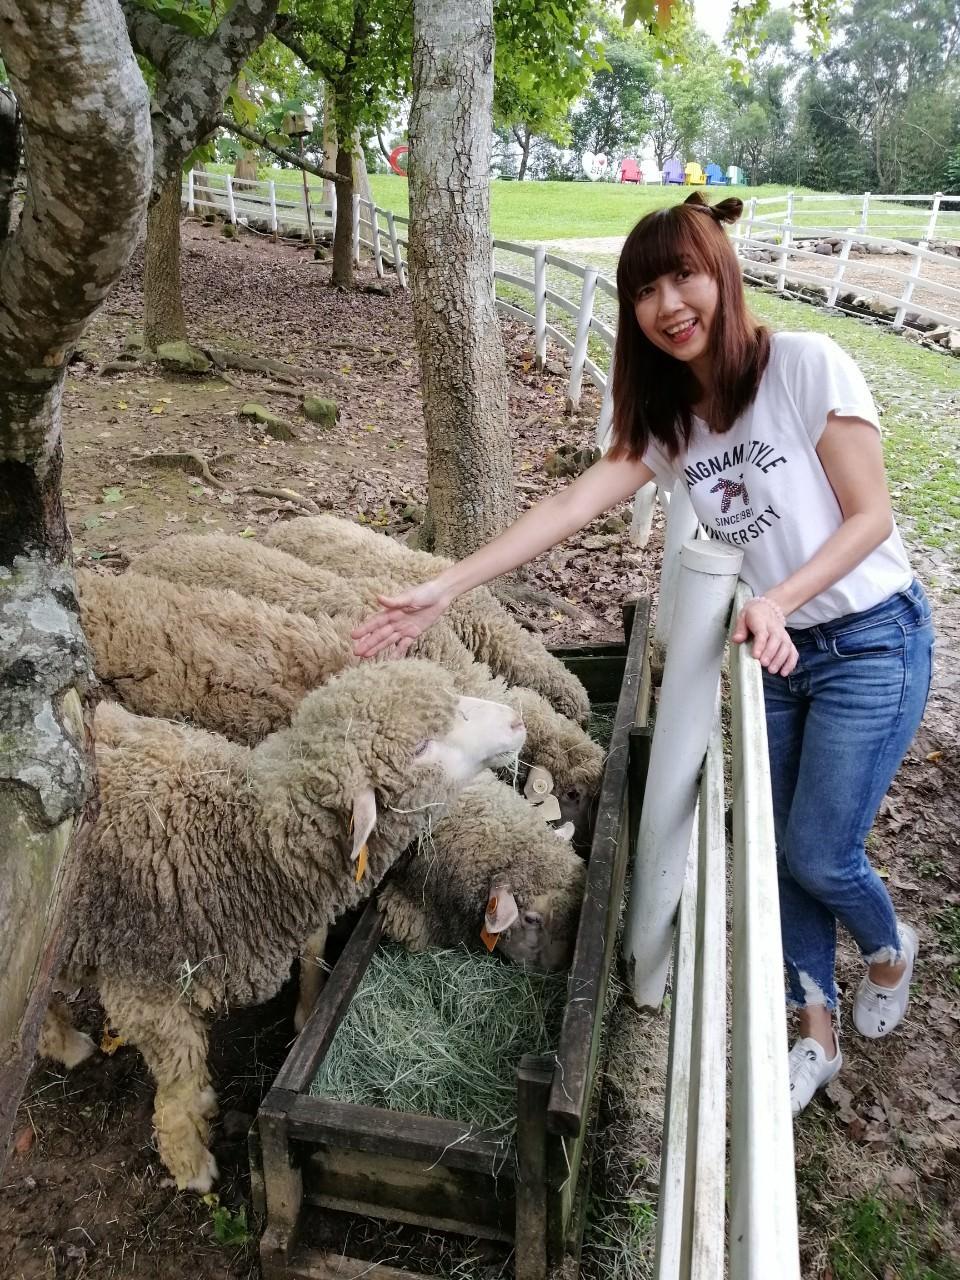 20190422140554 9 - 熱血採訪 [桃園旅遊]綠光森林綿羊牧場 一泊二食 親近羊群擁抱山林 被施了快樂魔法的森林牧場